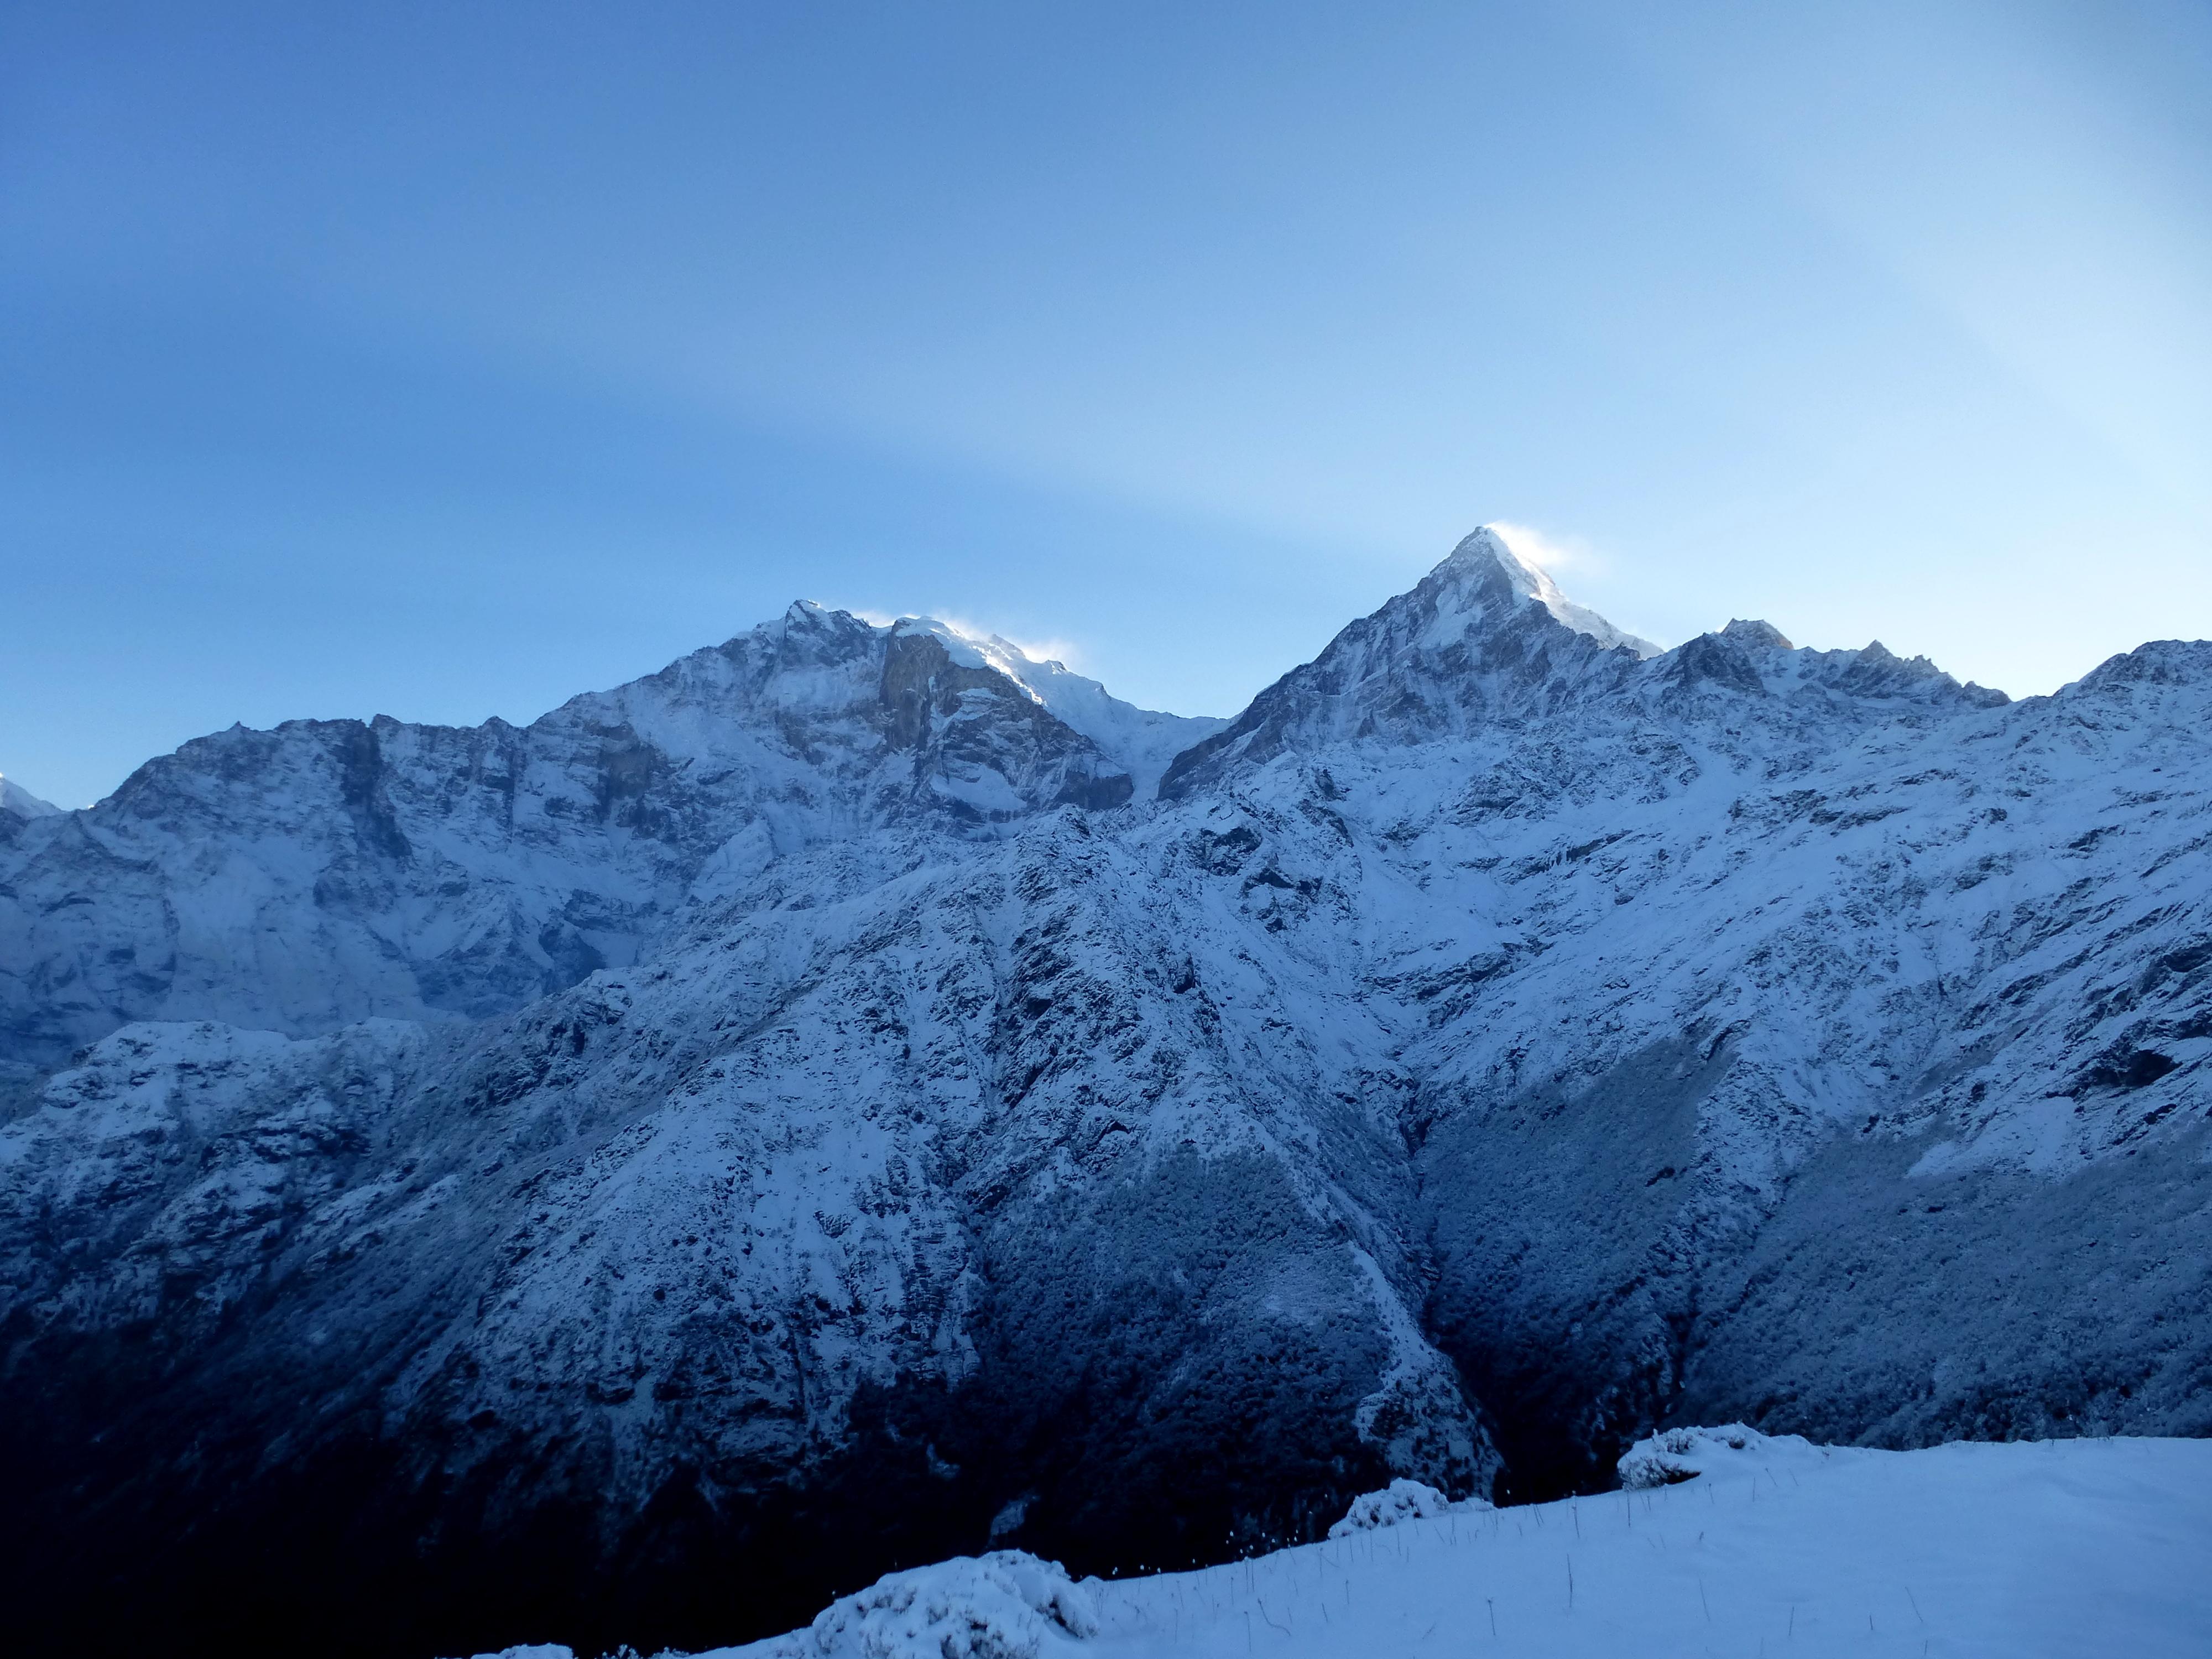 Nepal-Kopra-Danda-Bergpanorama-im-Schnee